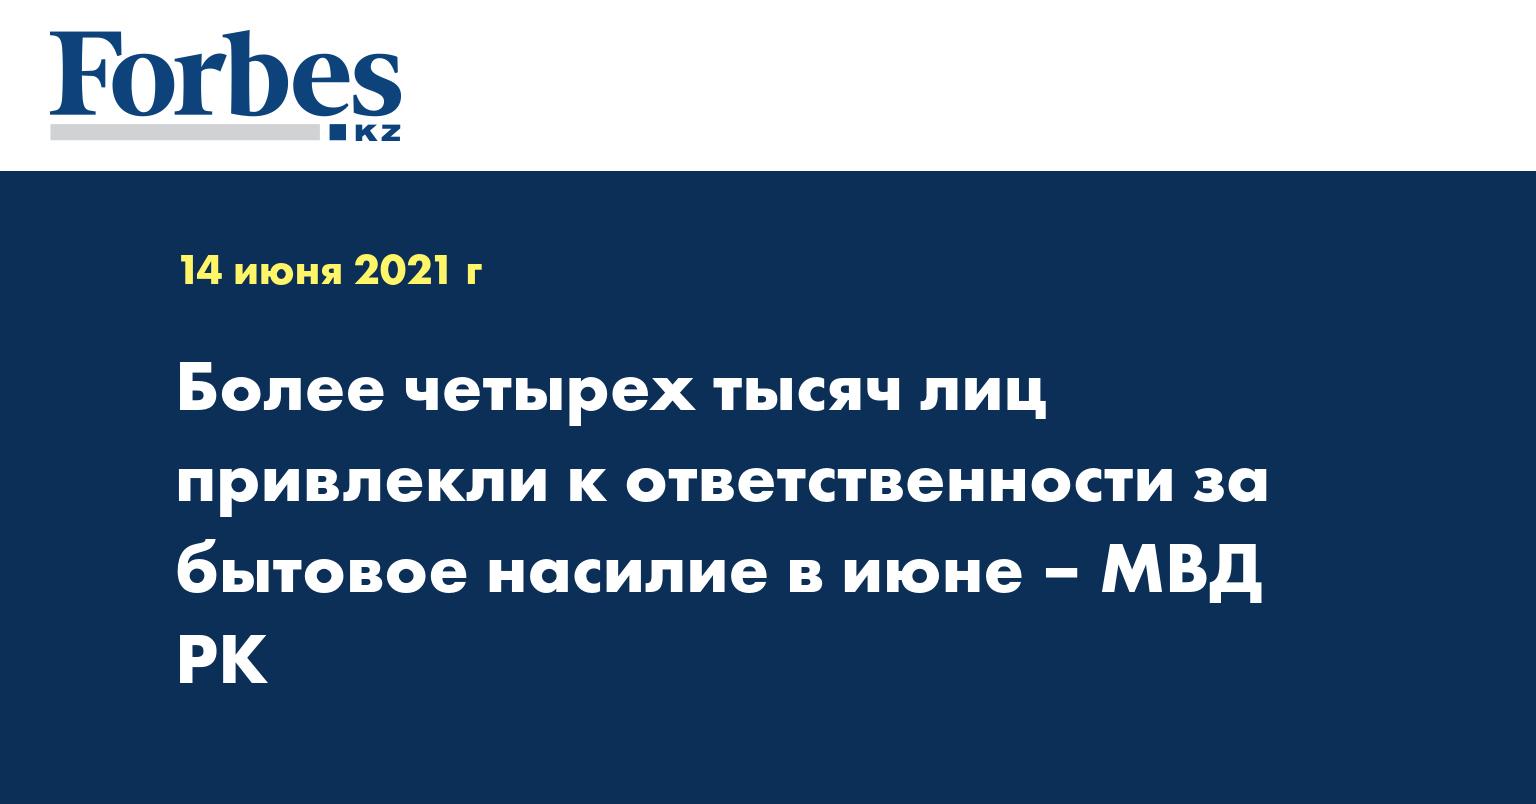 Более четырех тысяч лиц привлекли к ответственности за бытовое насилие в июне – МВД РК